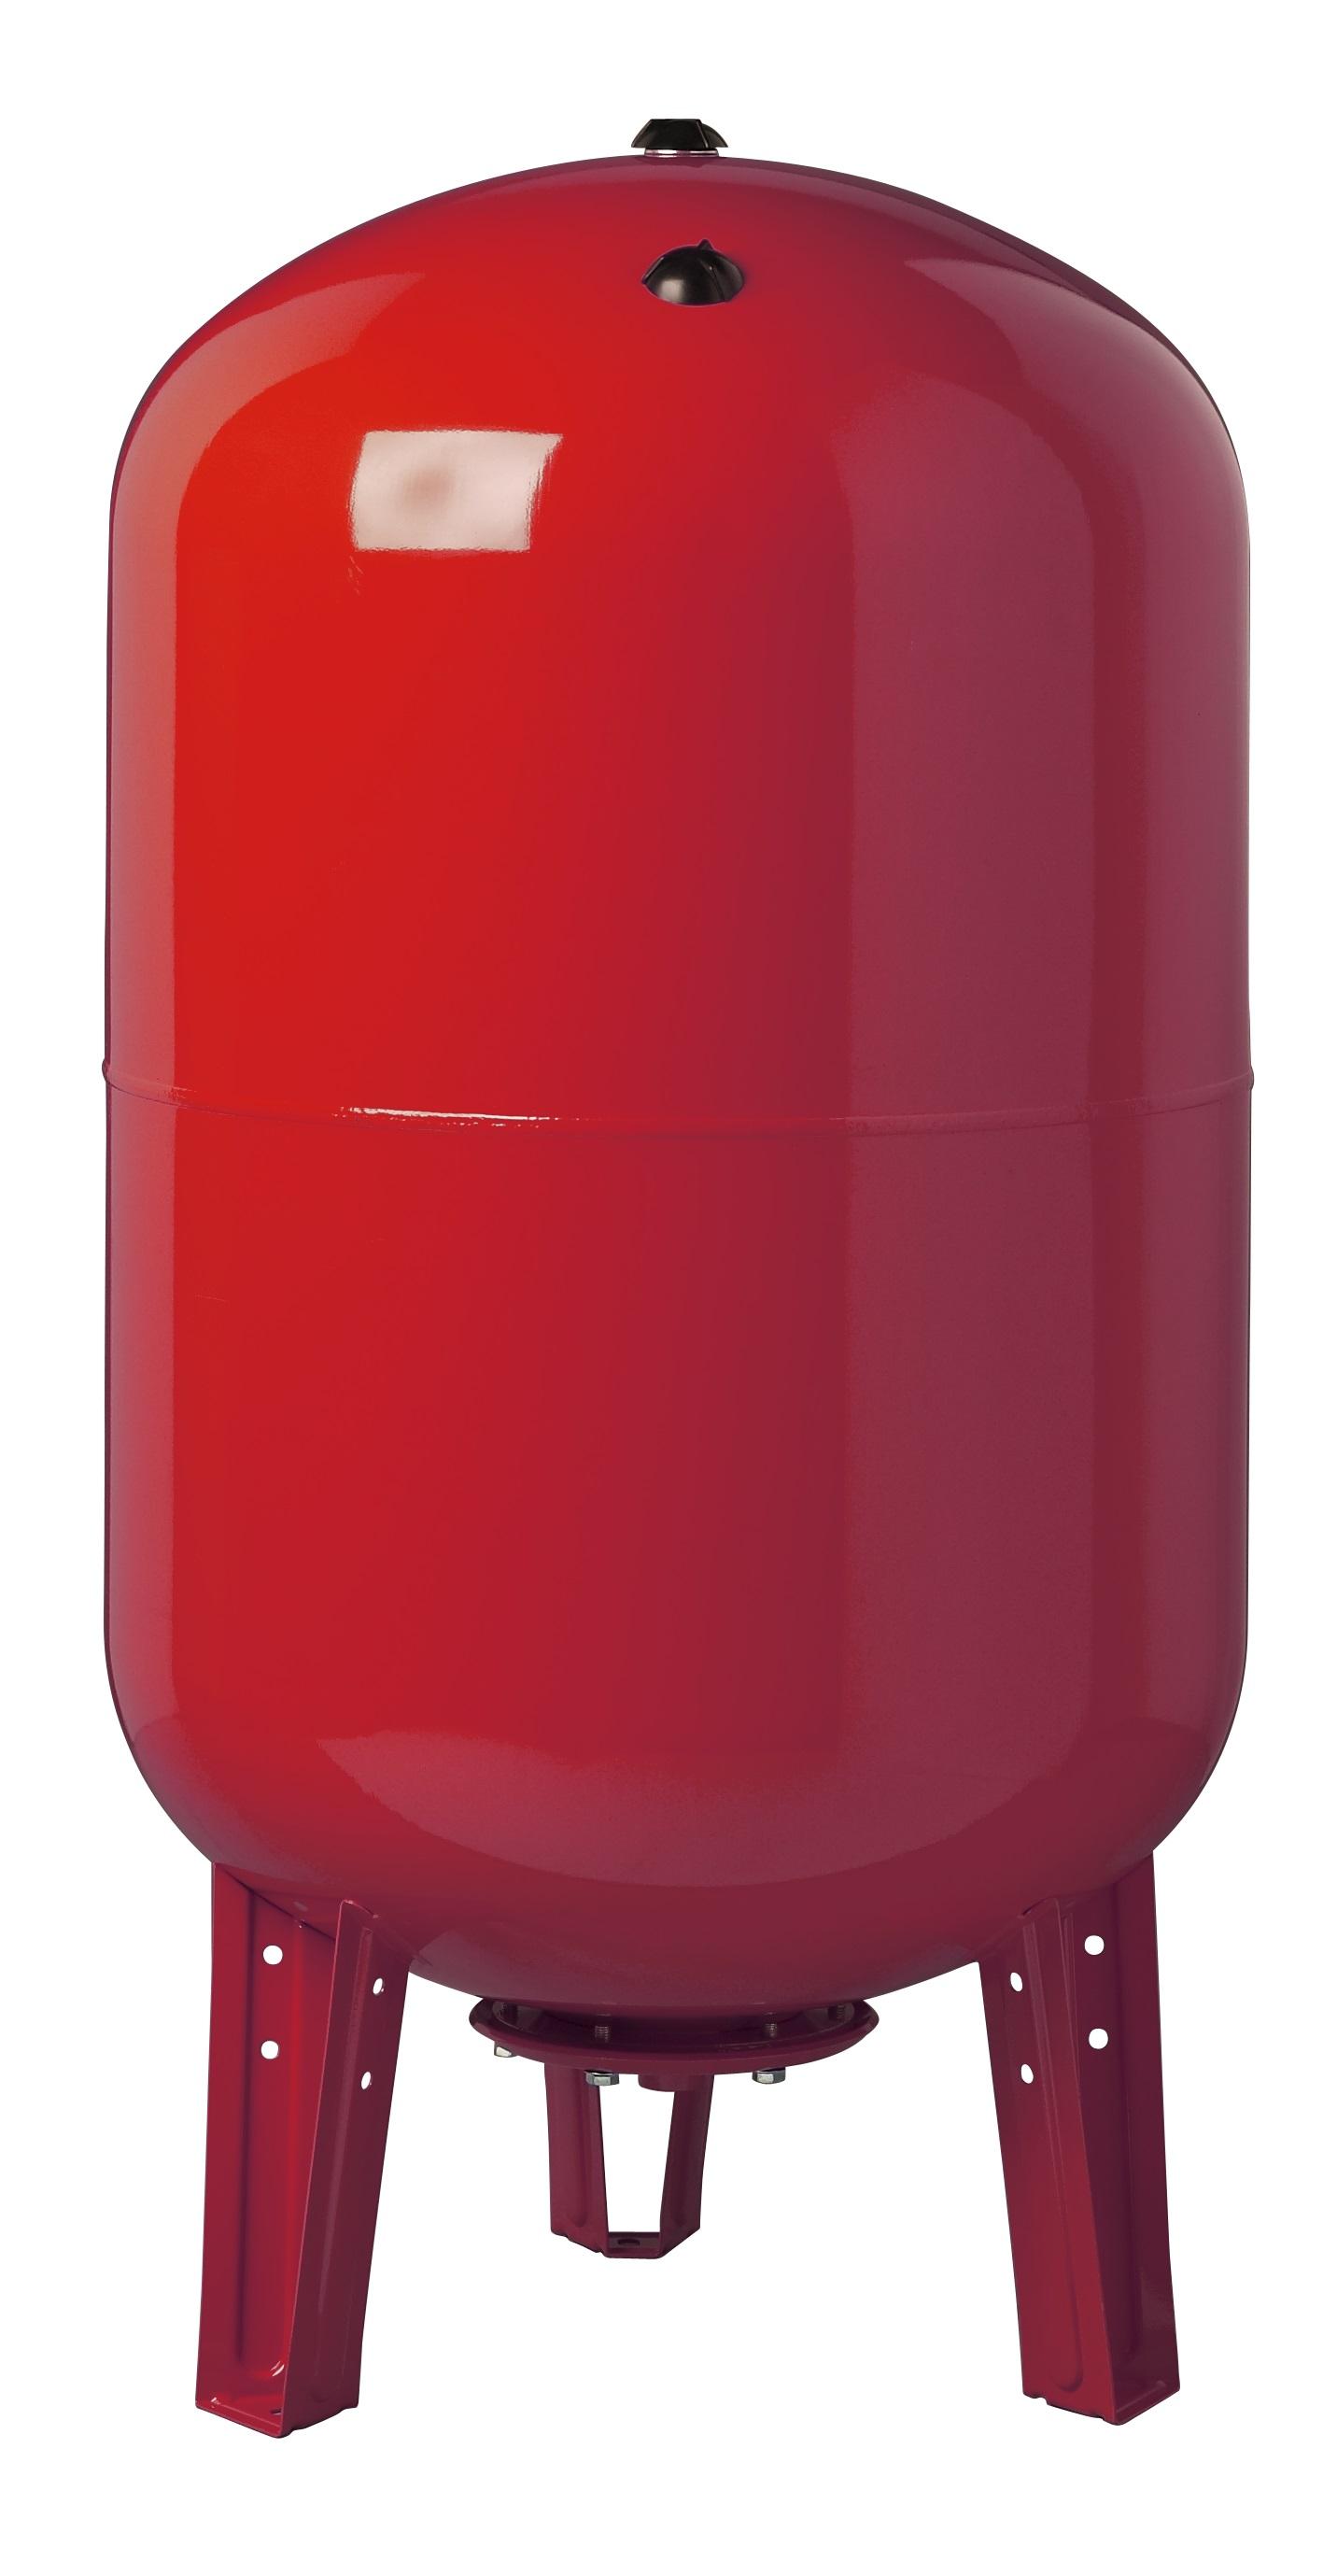 Ausdehnungsgefäß für Heizung 200 Liter mit Füßen